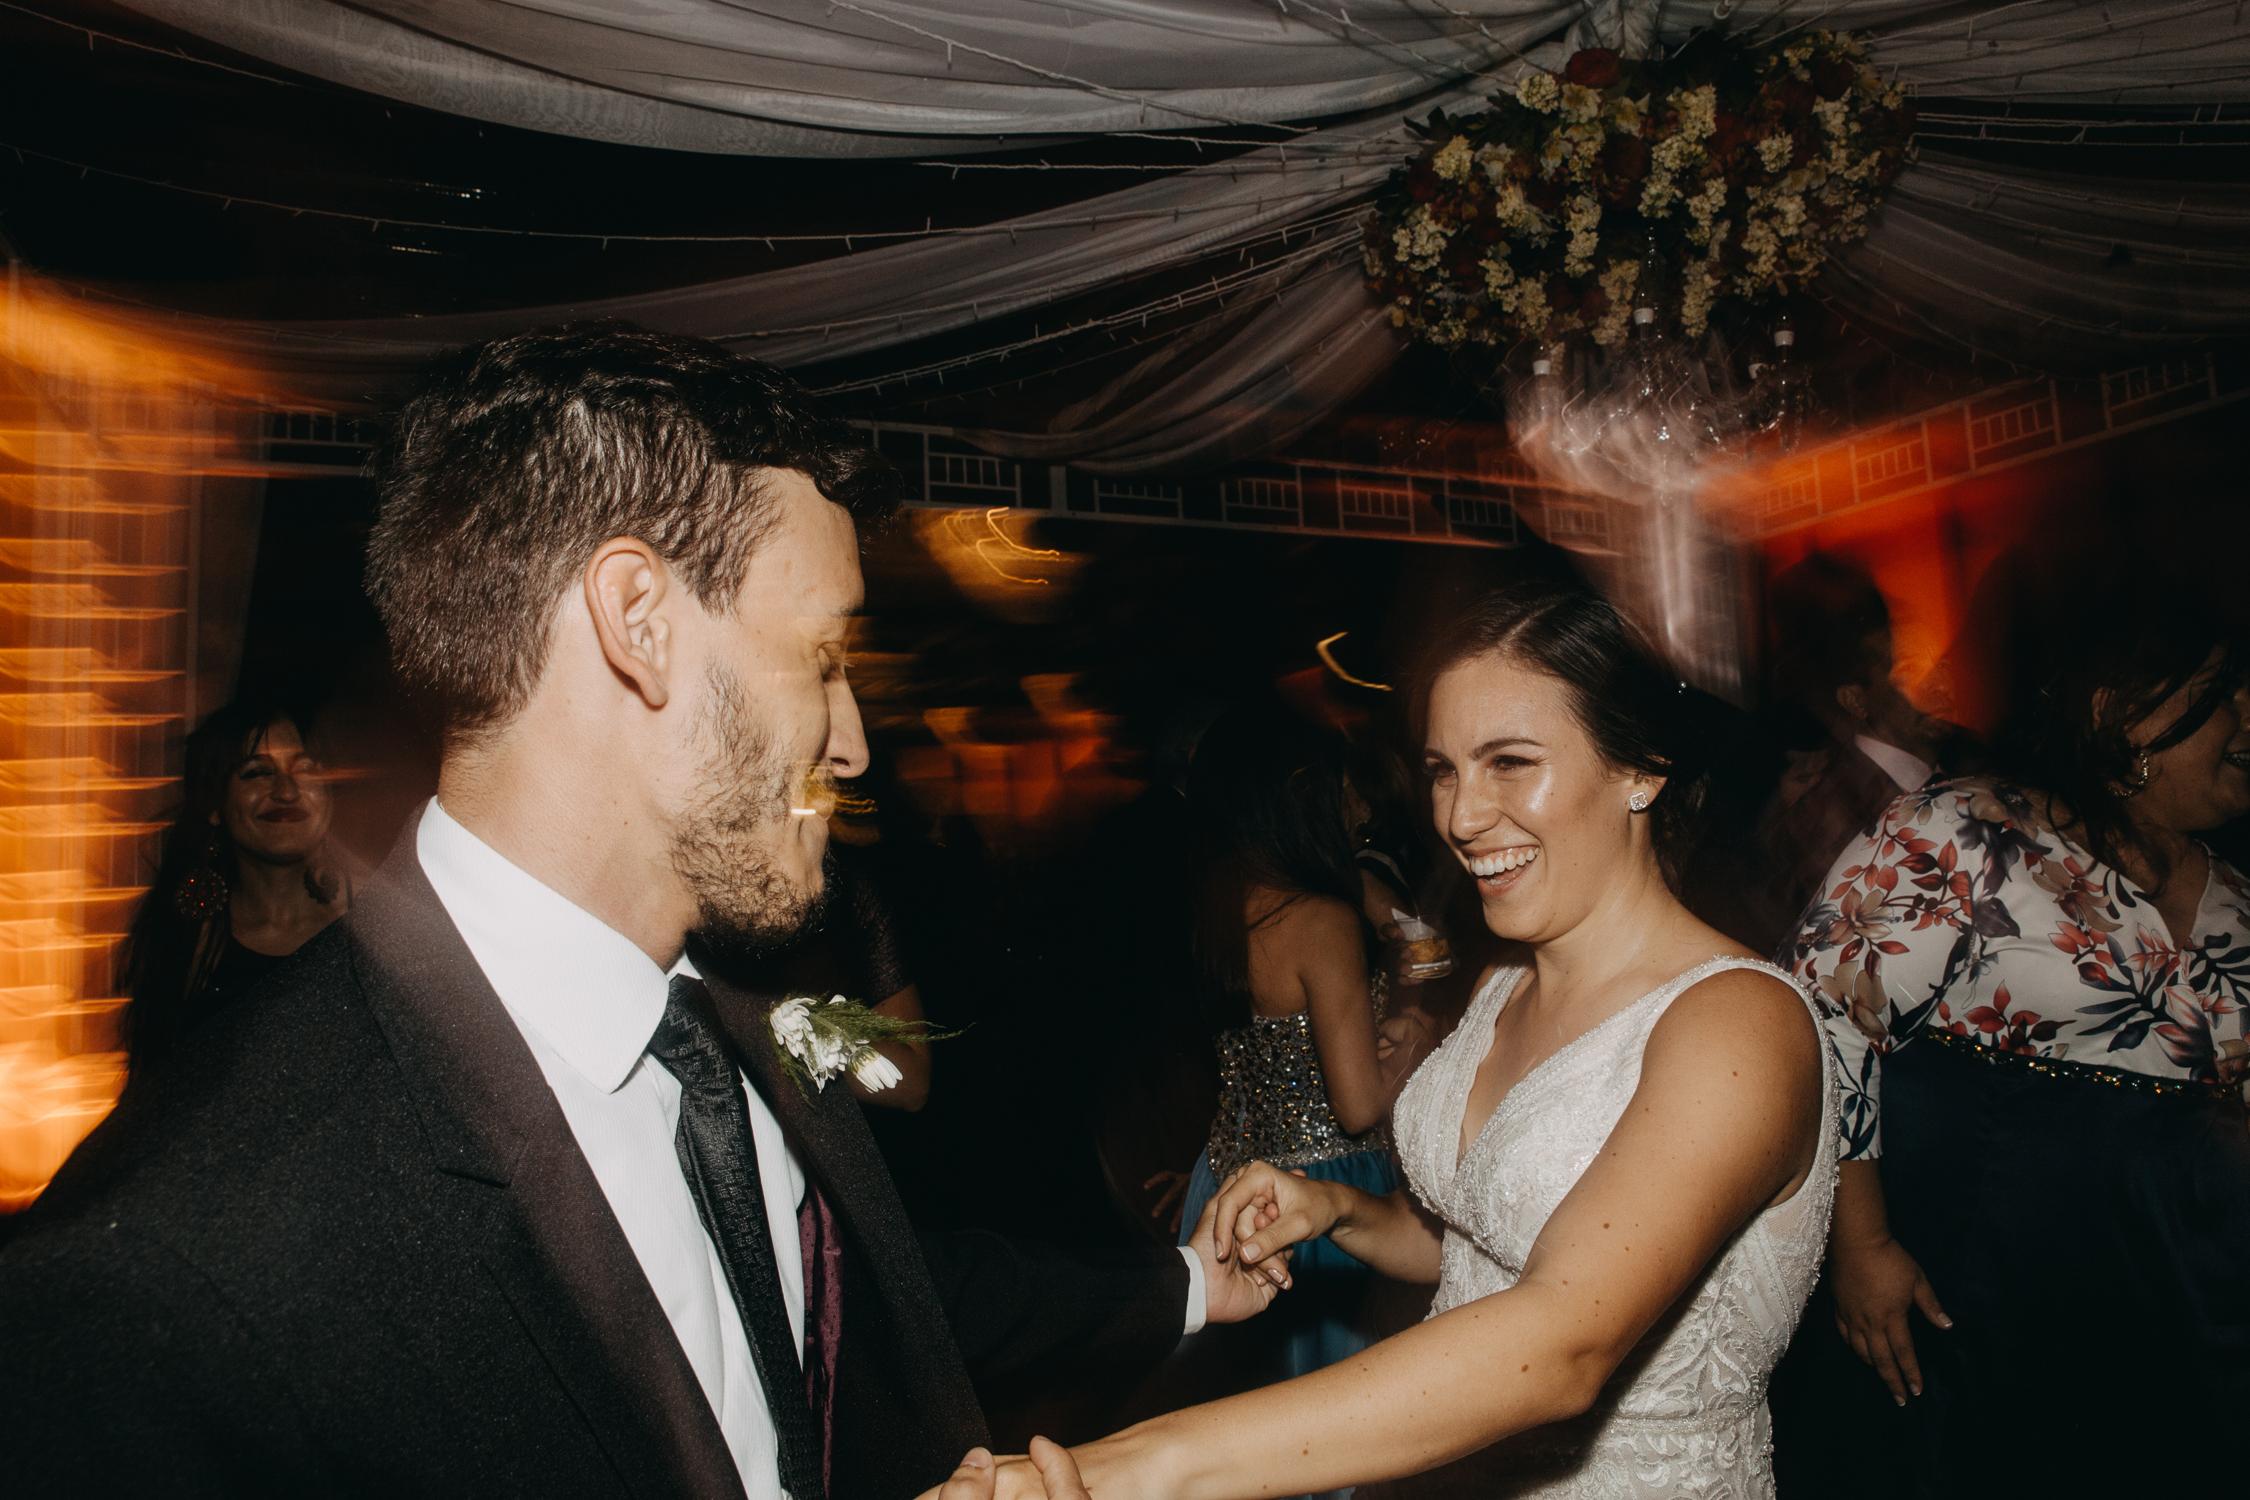 Michelle-Agurto-Fotografia-Bodas-Ecuador-Destination-Wedding-Photographer-Ecuador-Mercedes-Alvaro-193.JPG